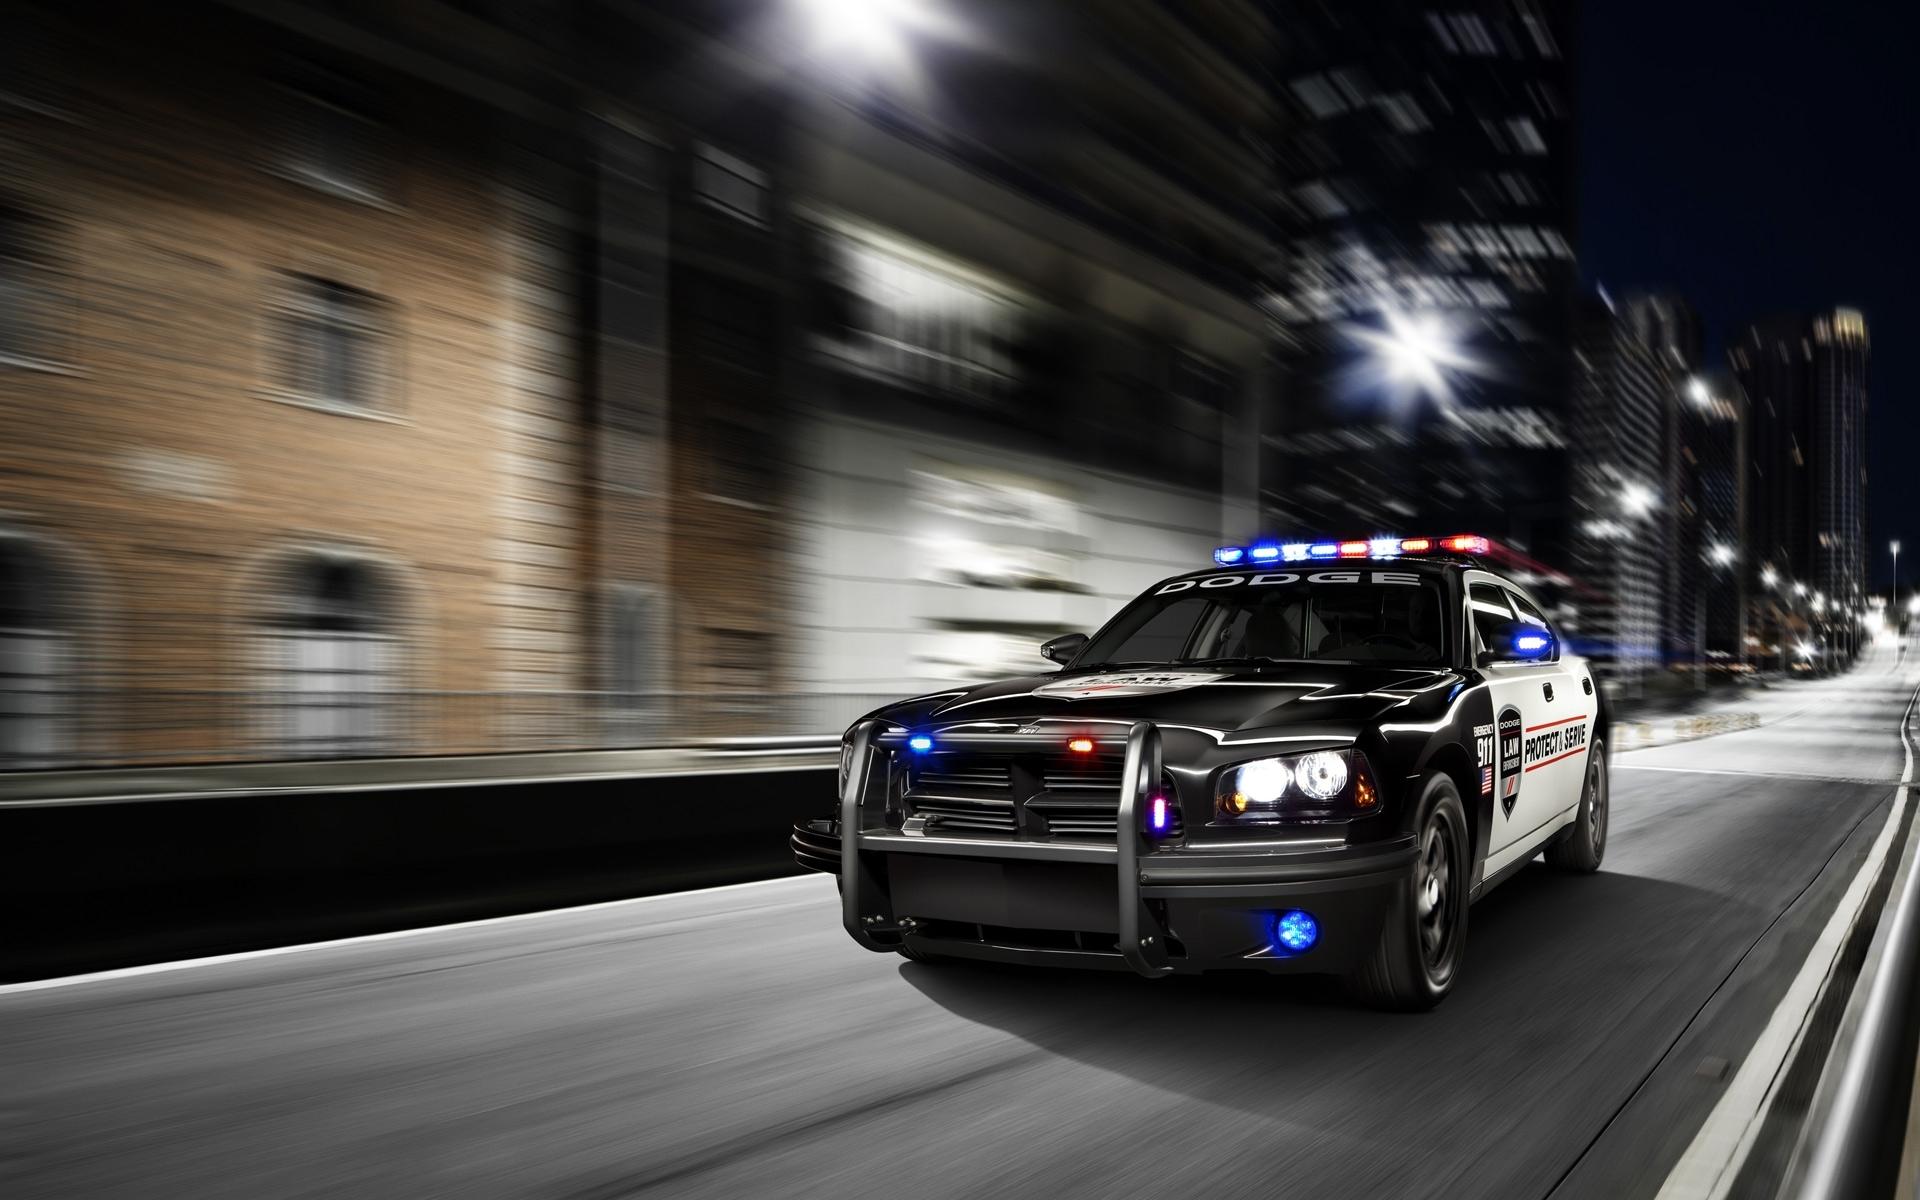 28942 скачать обои Додж (Dodge), Транспорт, Машины - заставки и картинки бесплатно